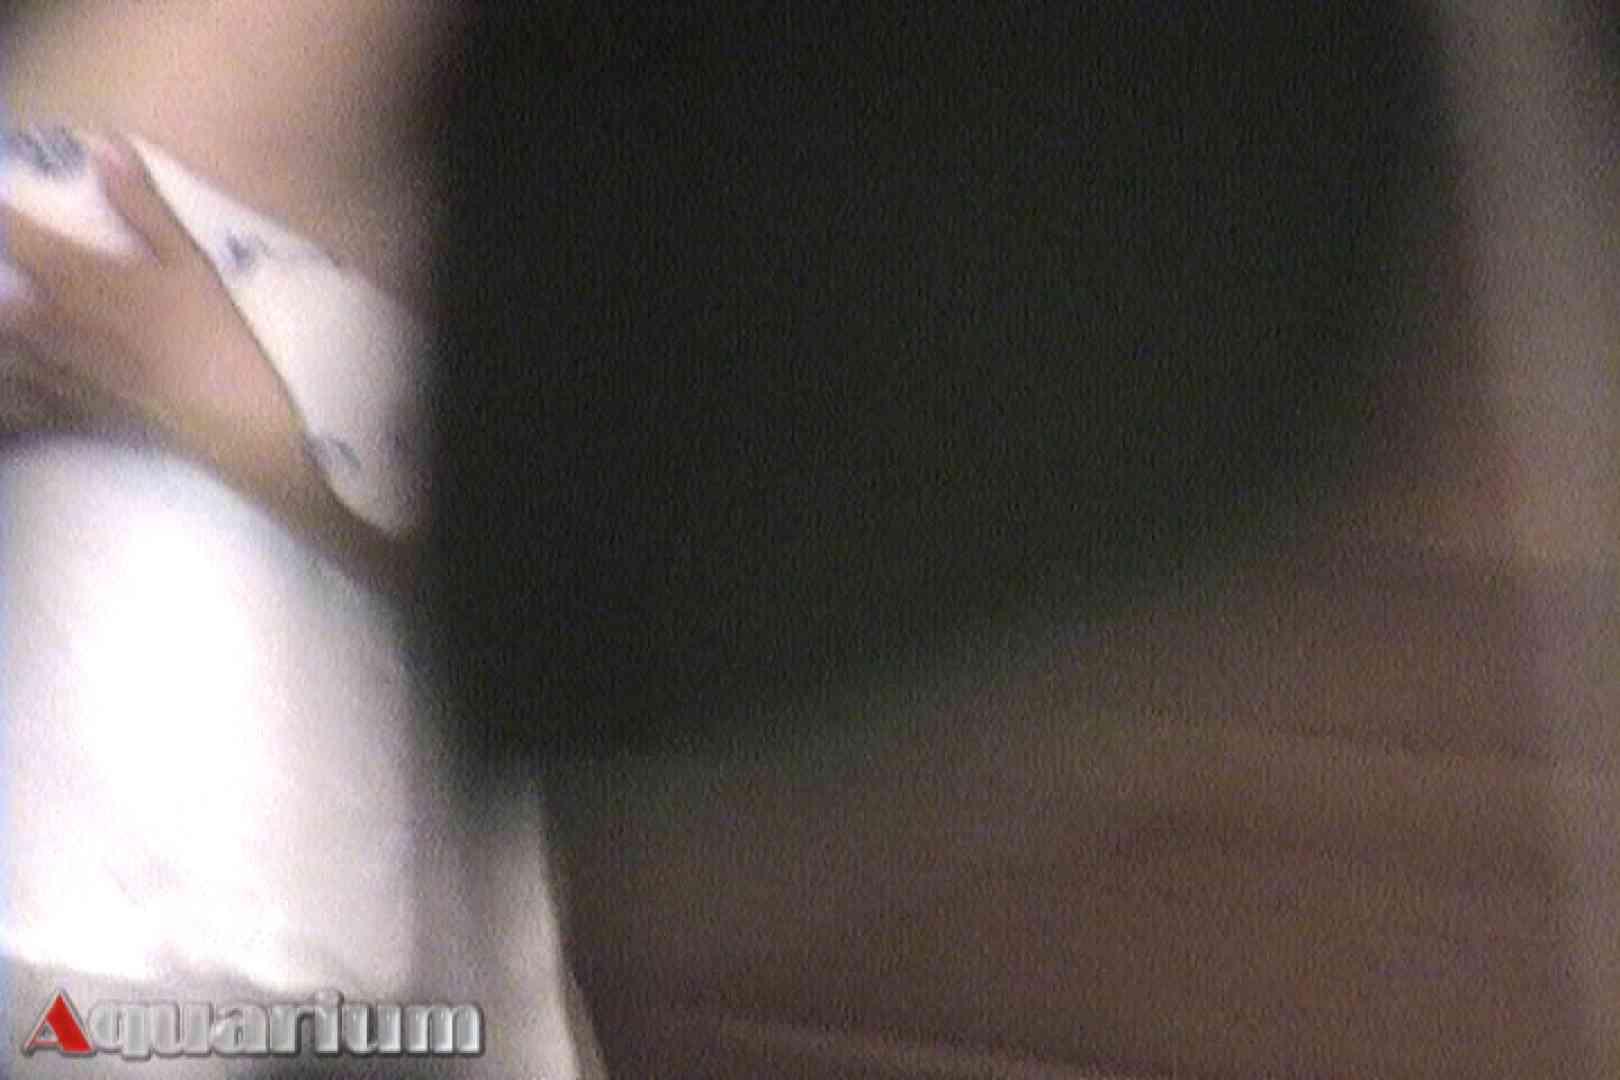 旅館脱衣所お着替え盗撮 Vol.01 脱衣所・着替え編  49pic 36